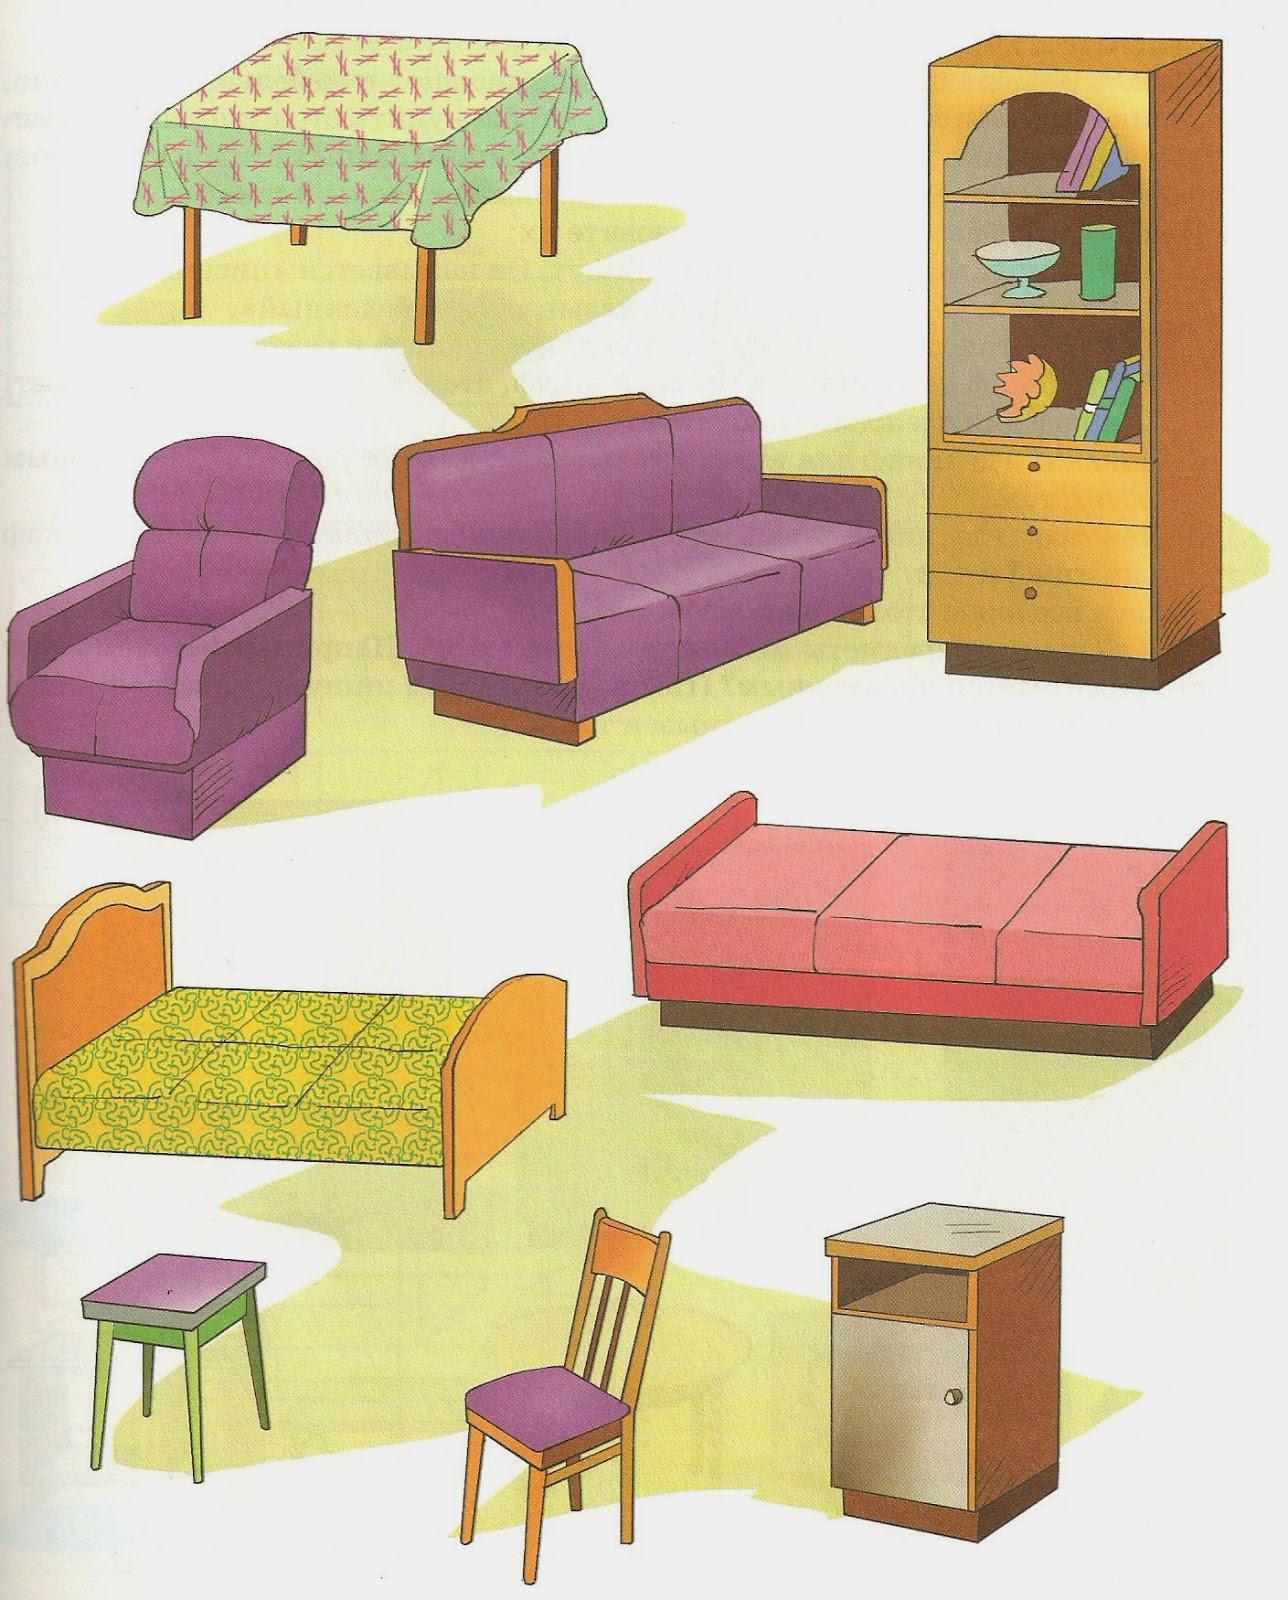 Предметы мебели для детей в картинках